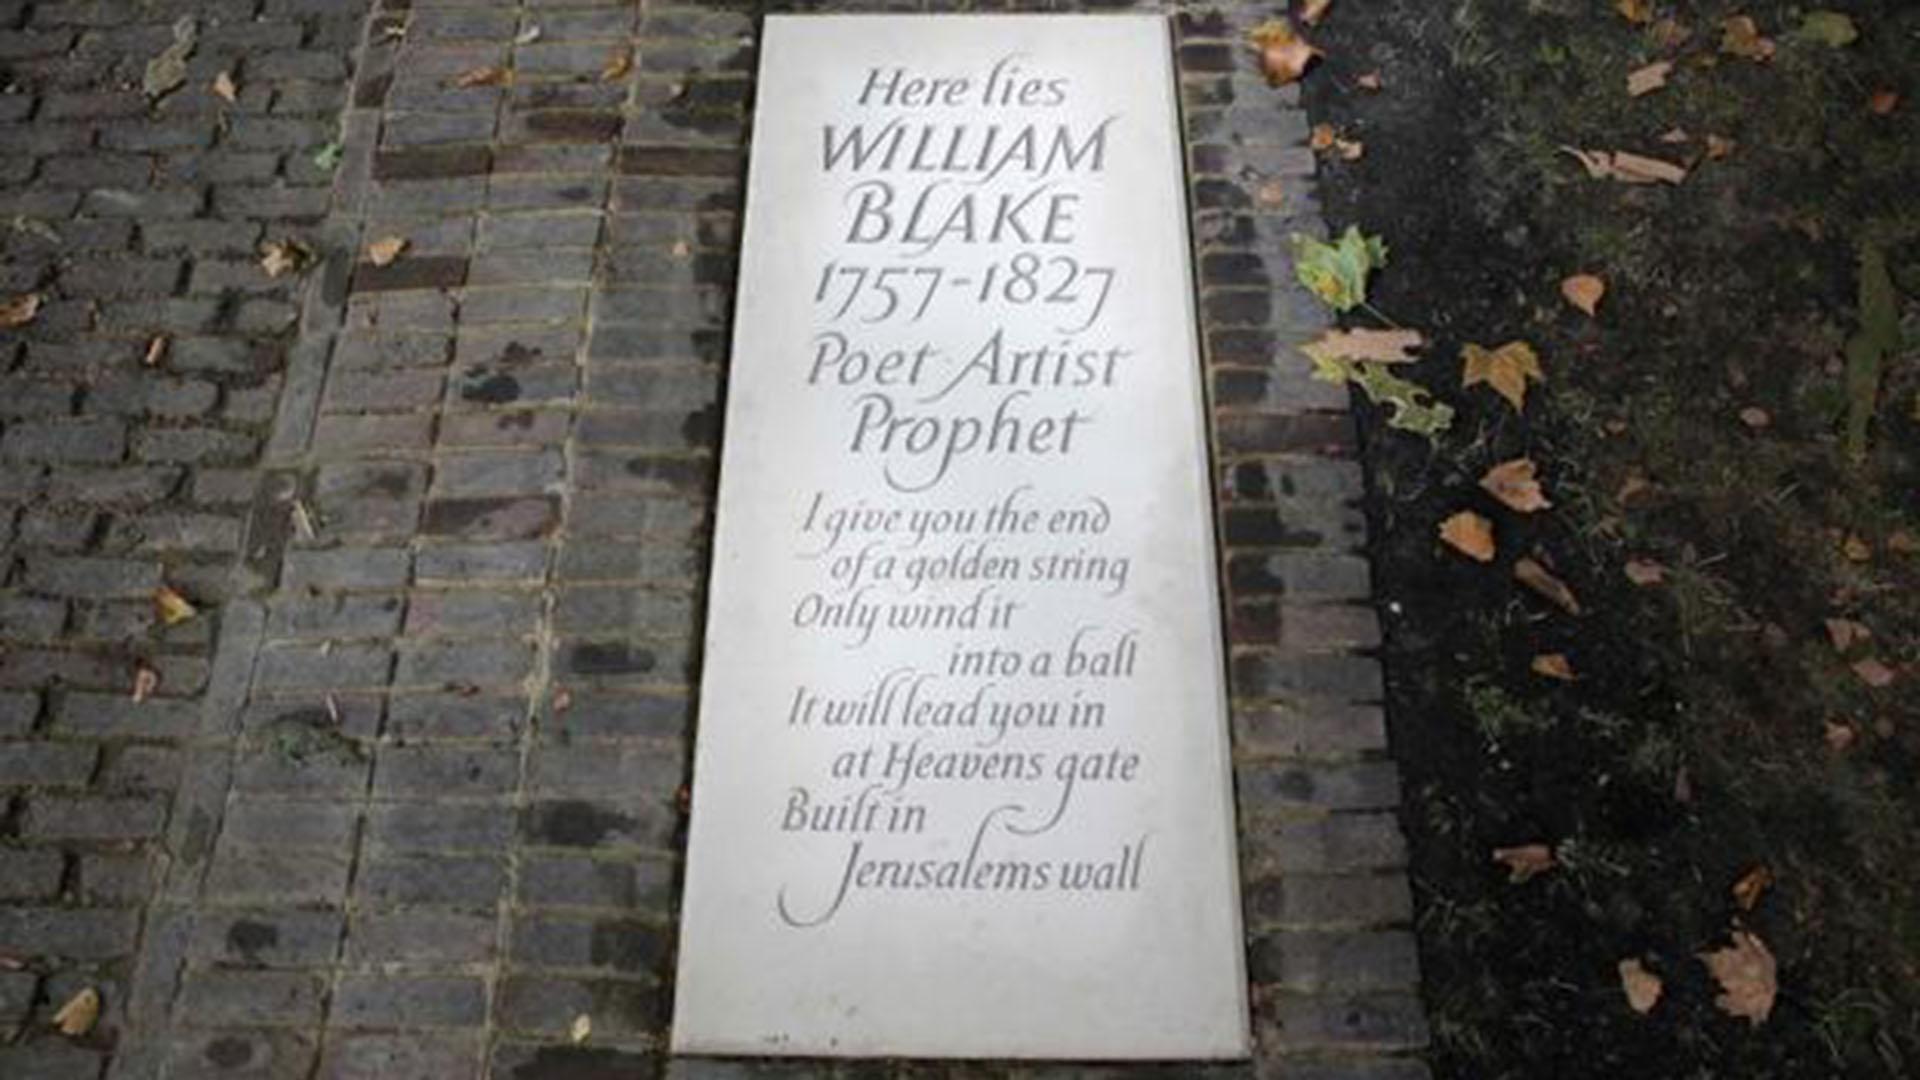 La Blake Society realizó una recaudación de fondos y logró alcanzar USD 38 mil, que sirvieron para financiar una lápida